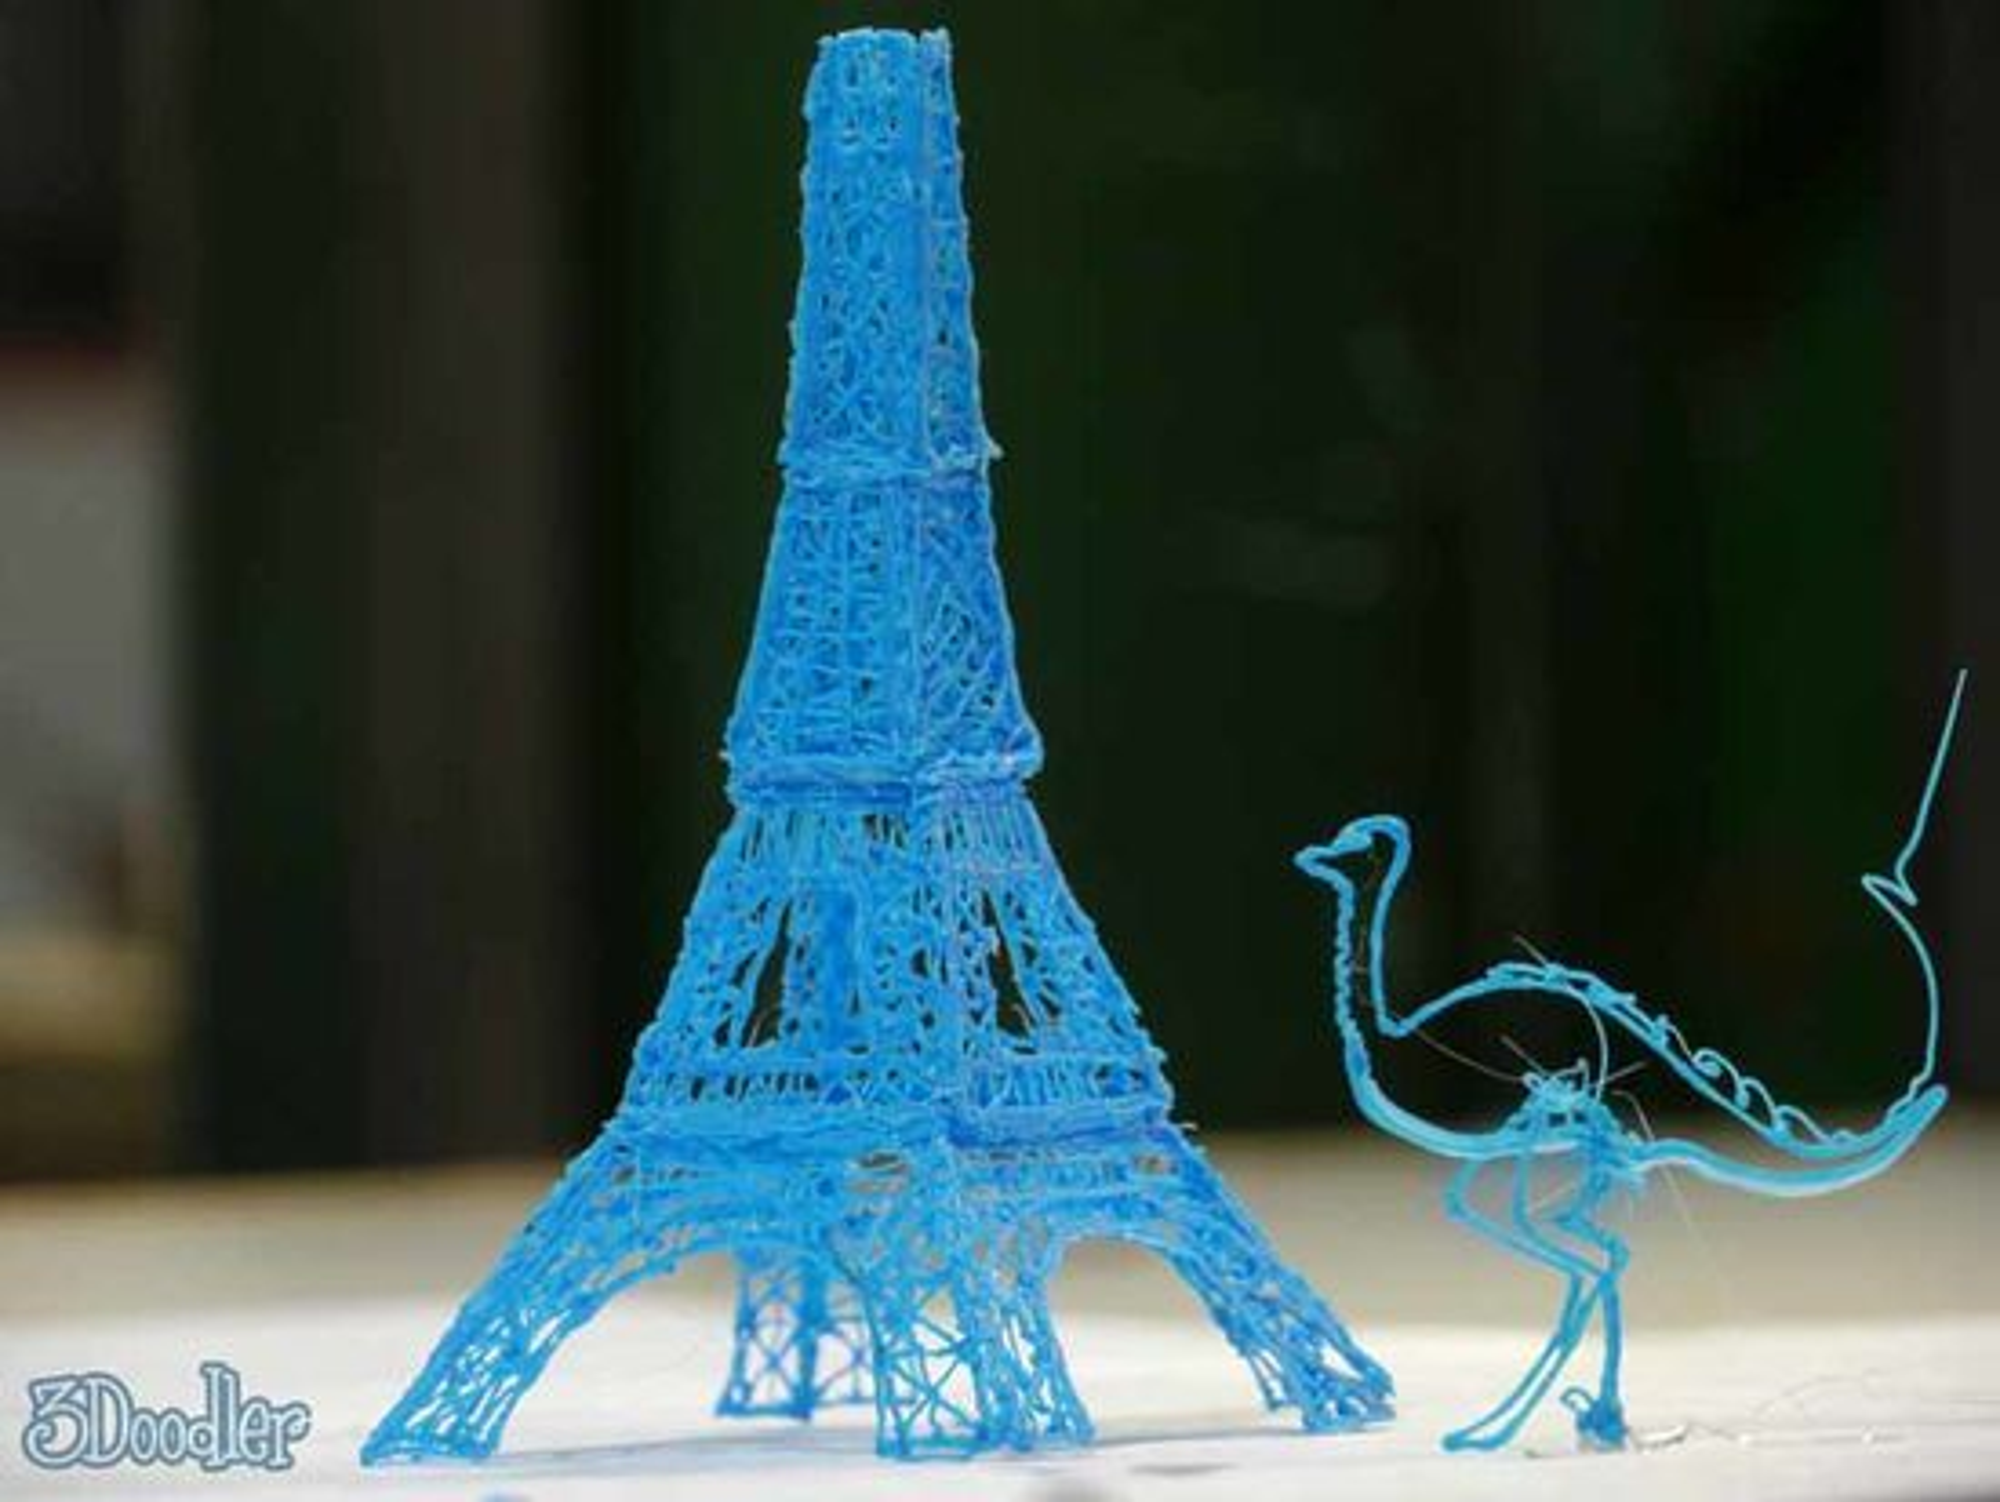 Eiffel-tårnet lar seg modellere, med litt tålmodighet.